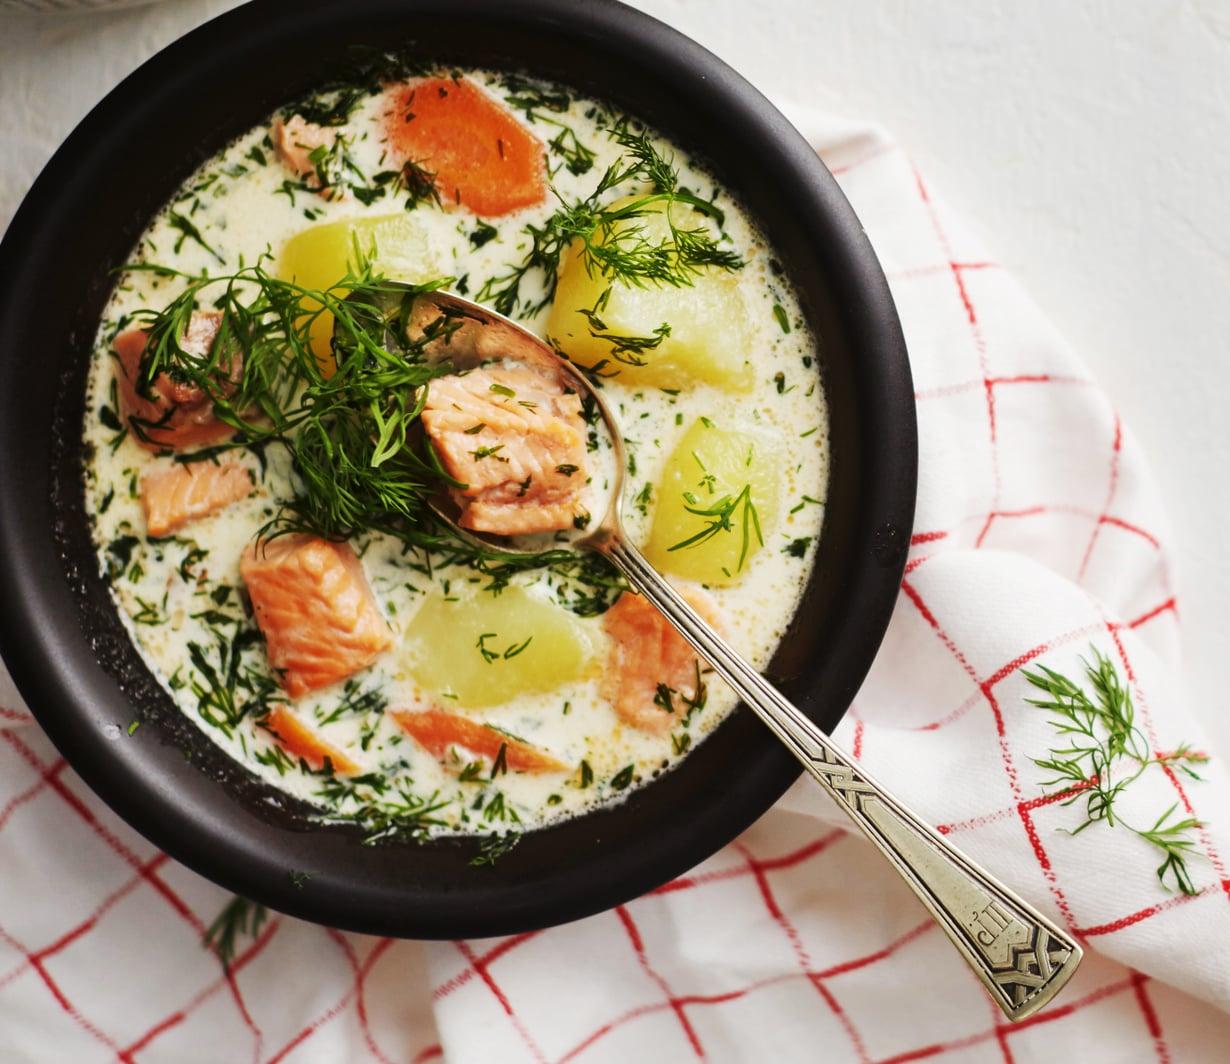 Lohikeitto on perinteinen suomalainen juhlaruoka. Arjessakin nopeasti valmistuva keitto maistuu.